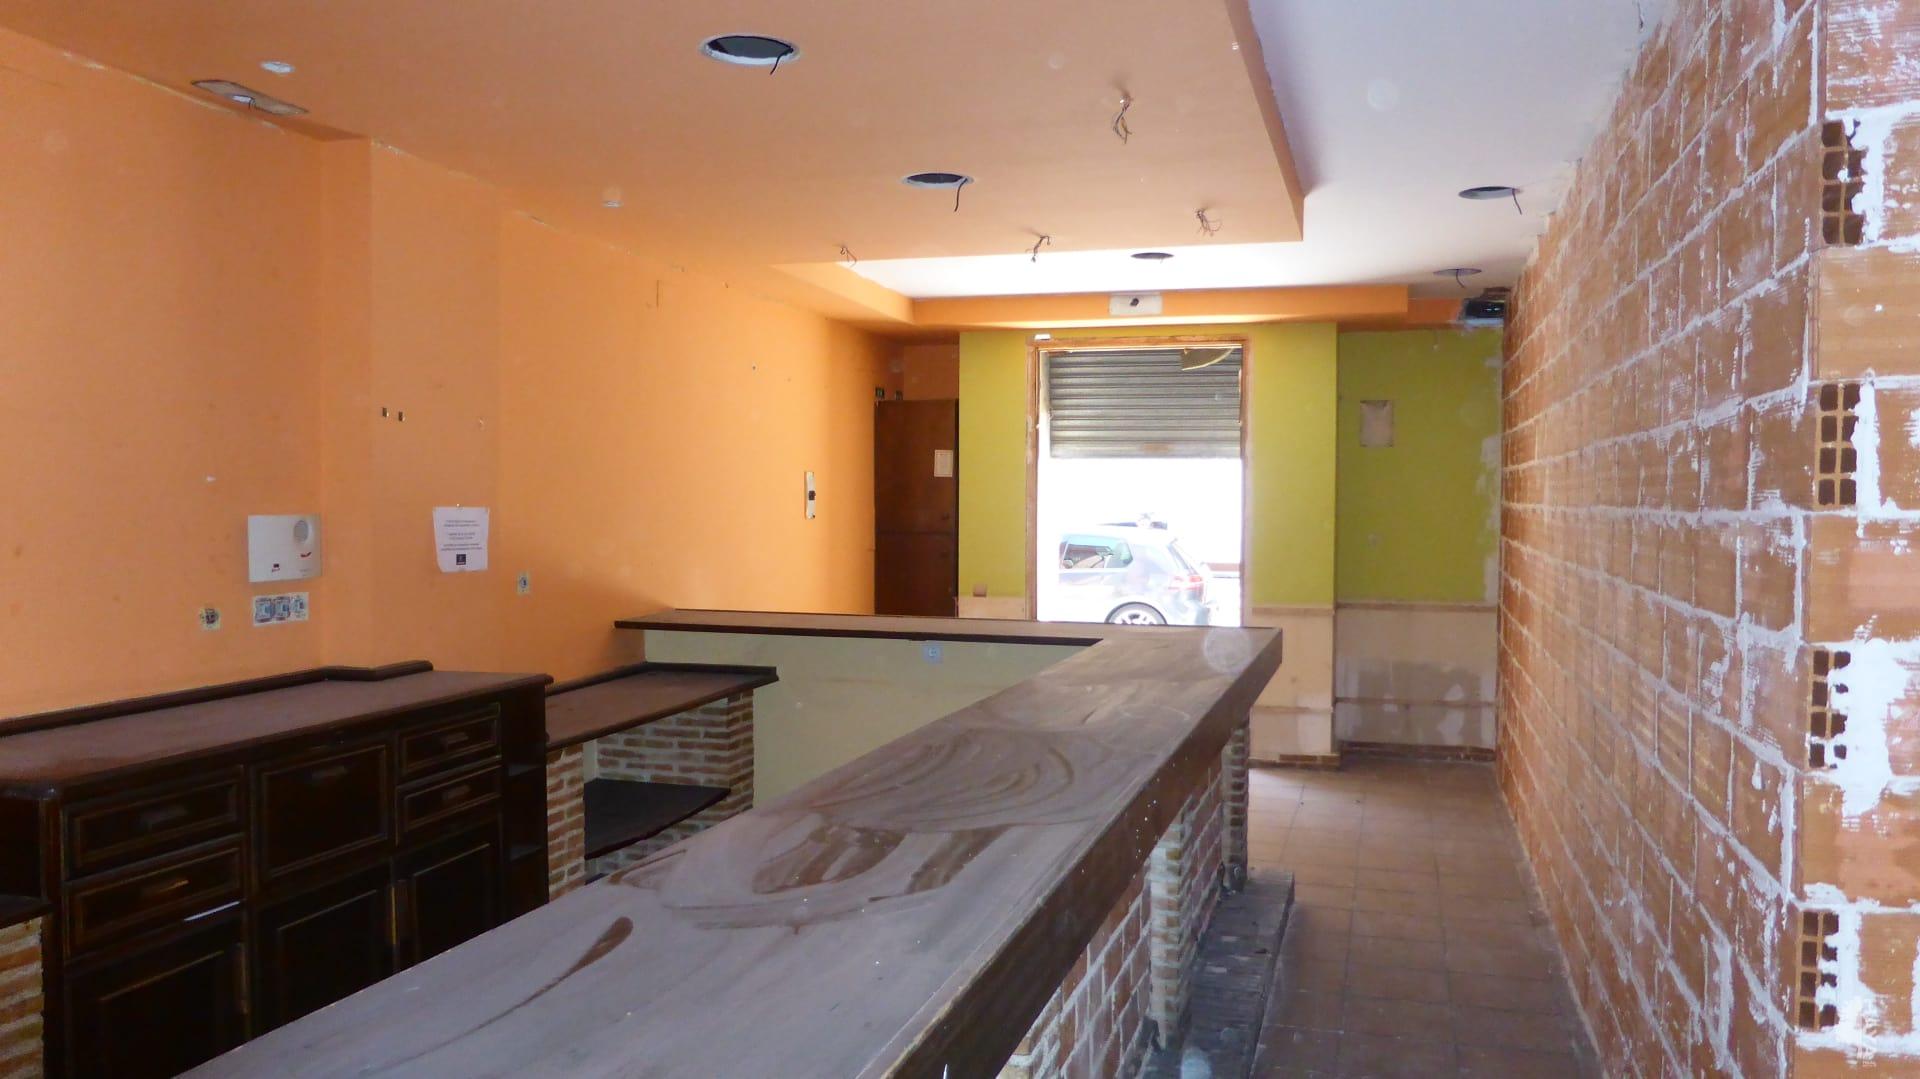 Local en venta en Local en Tomelloso, Ciudad Real, 62.890 €, 66 m2